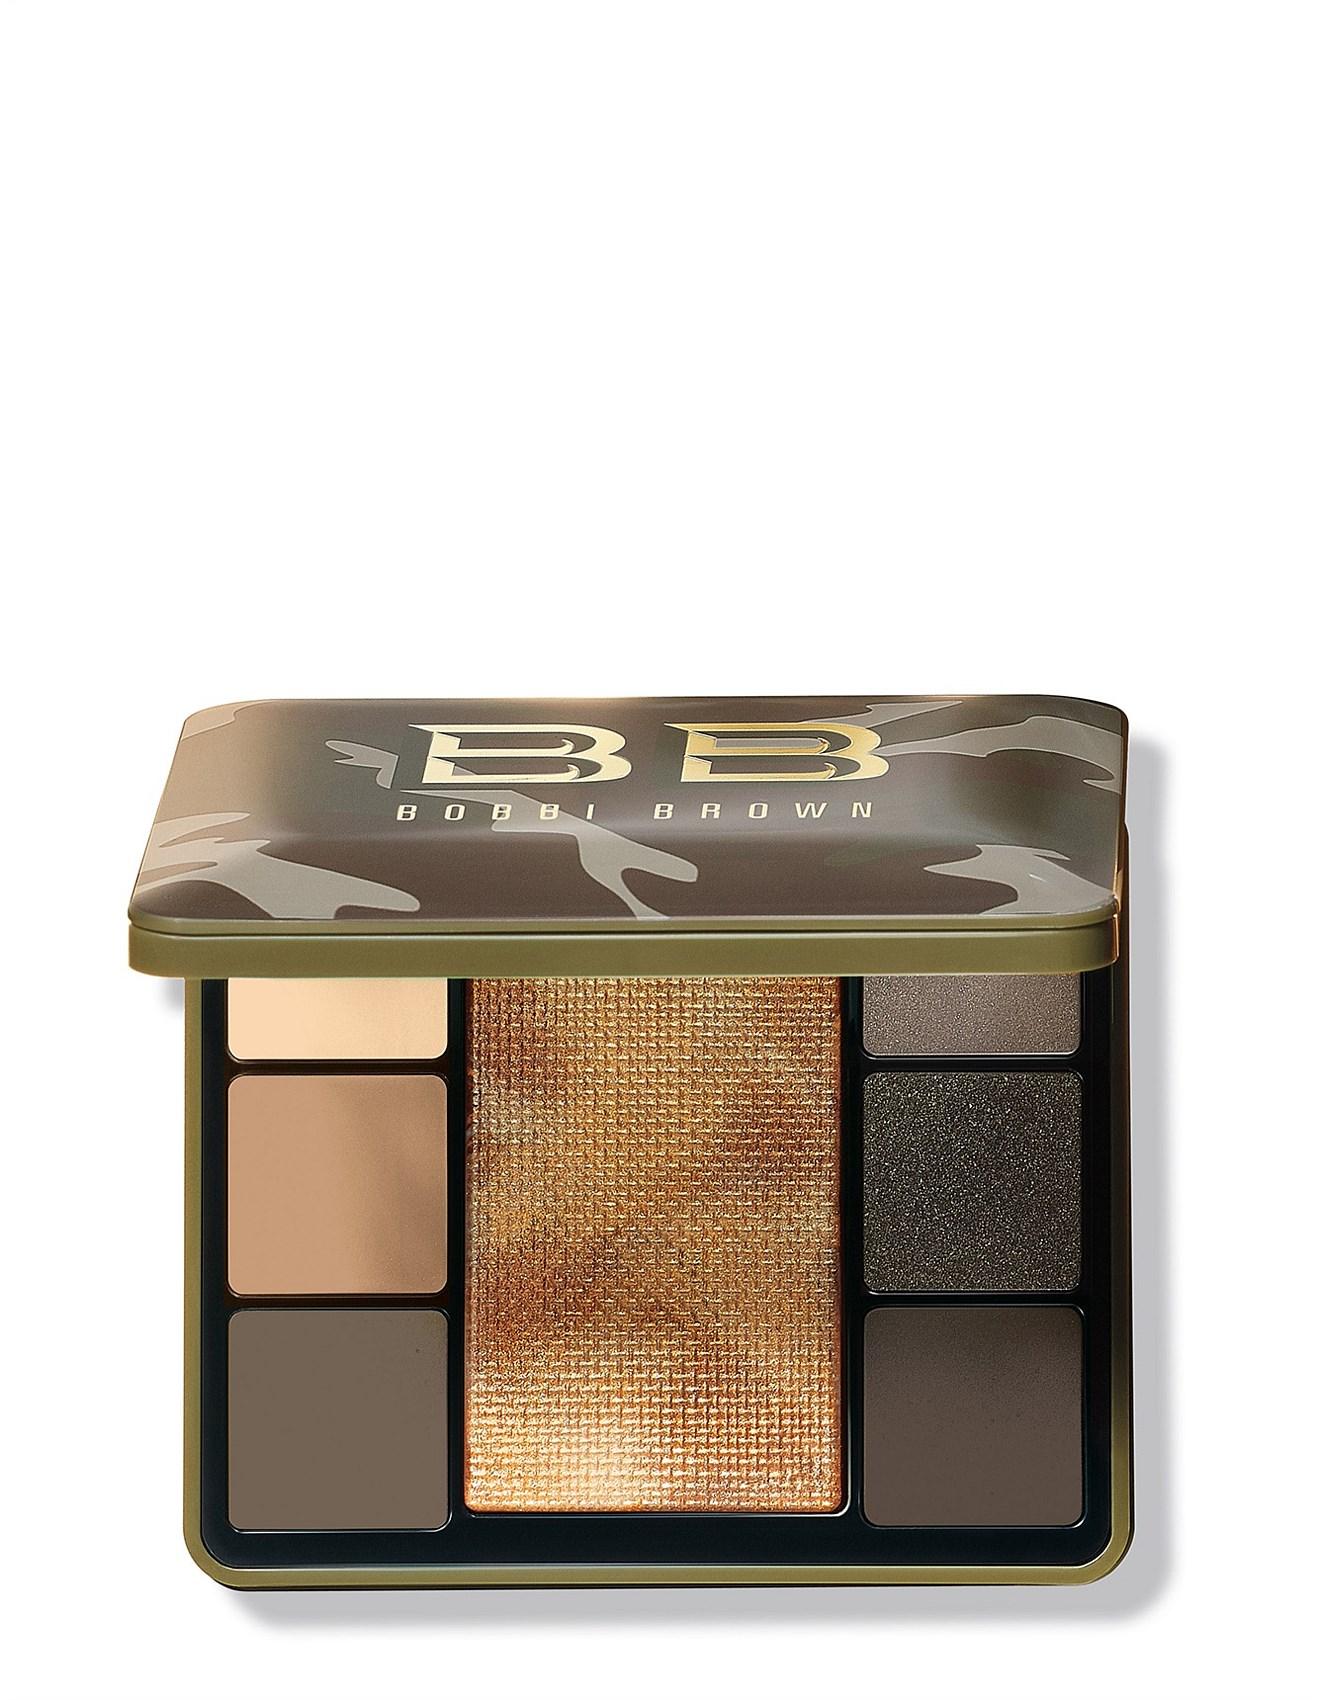 546bbac0f Makeup - Camo Luxe Eye & Cheek Palette